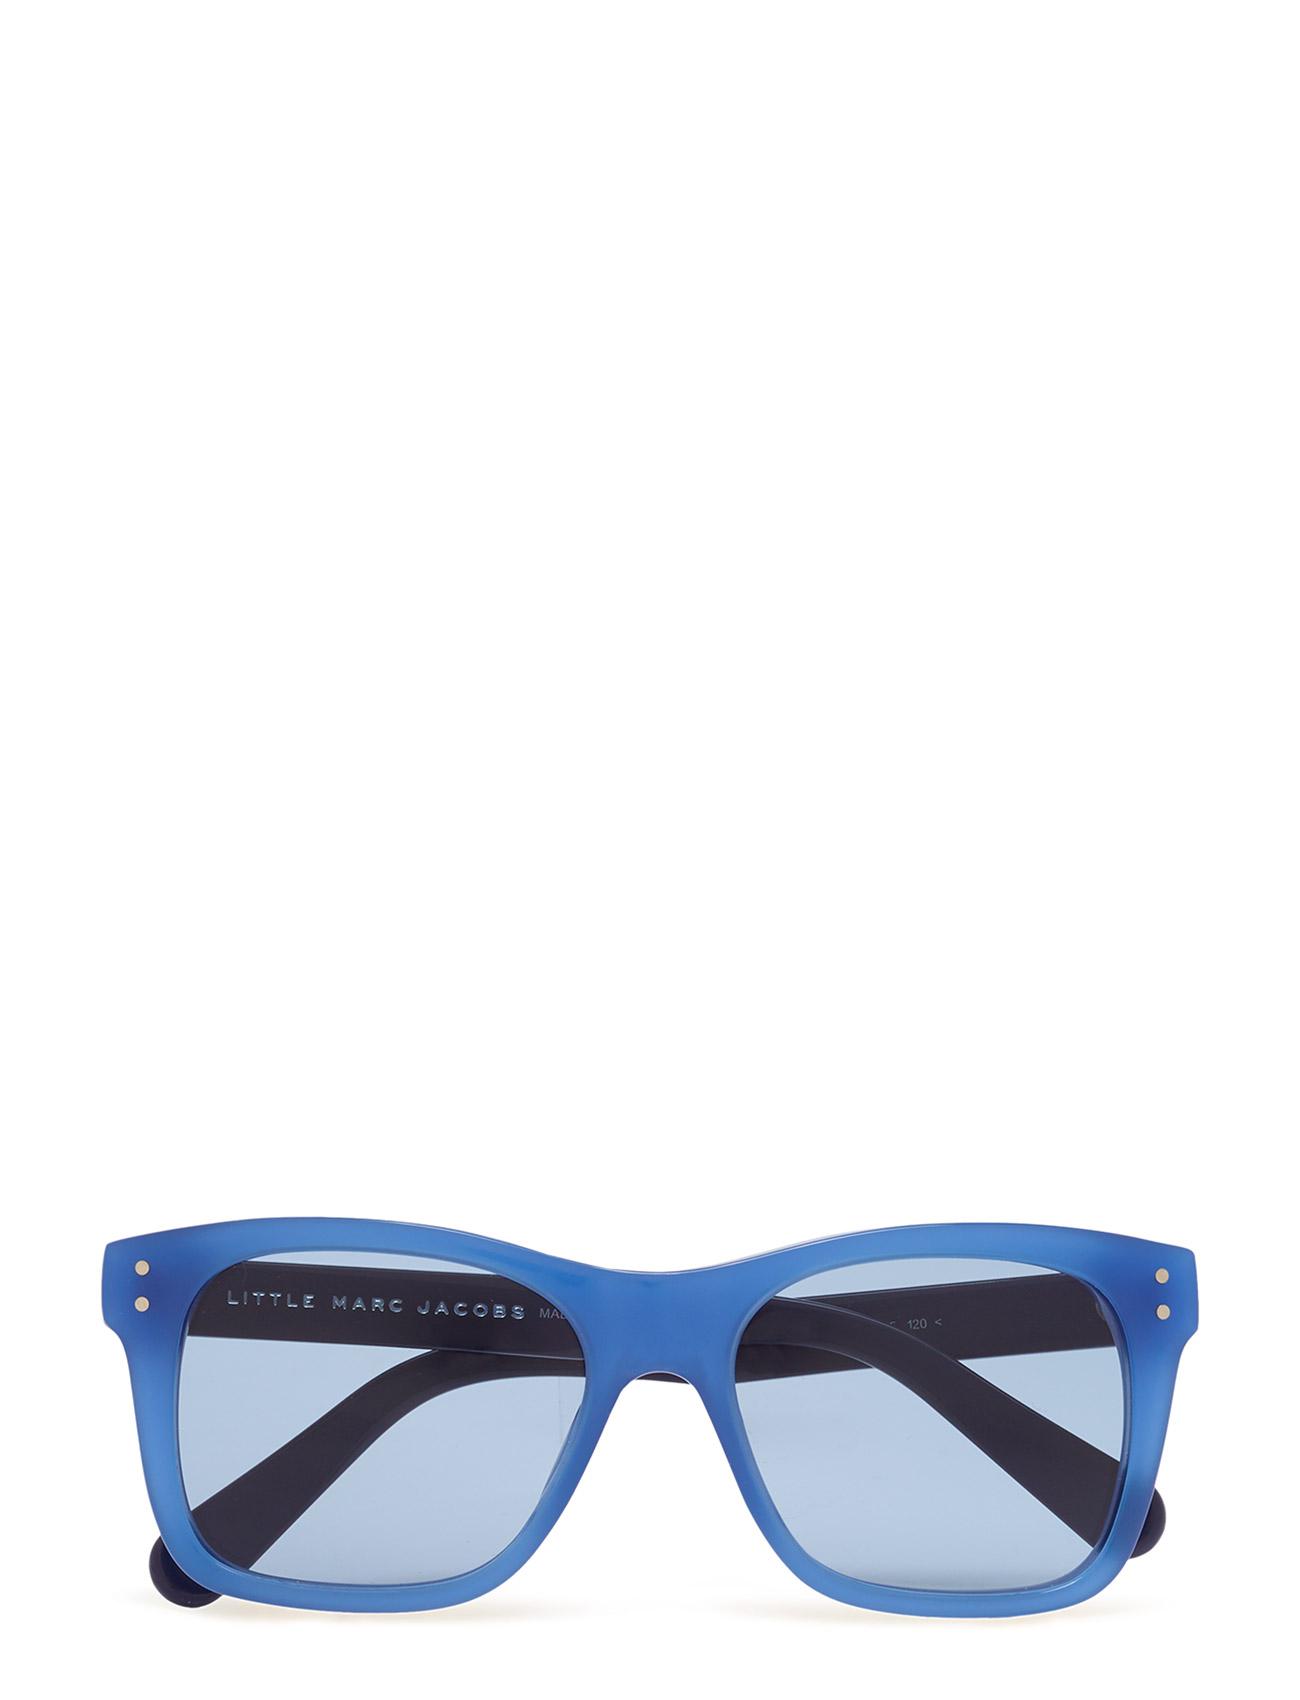 little marc jacobs sunglasses – Mj 612/s på boozt.com dk